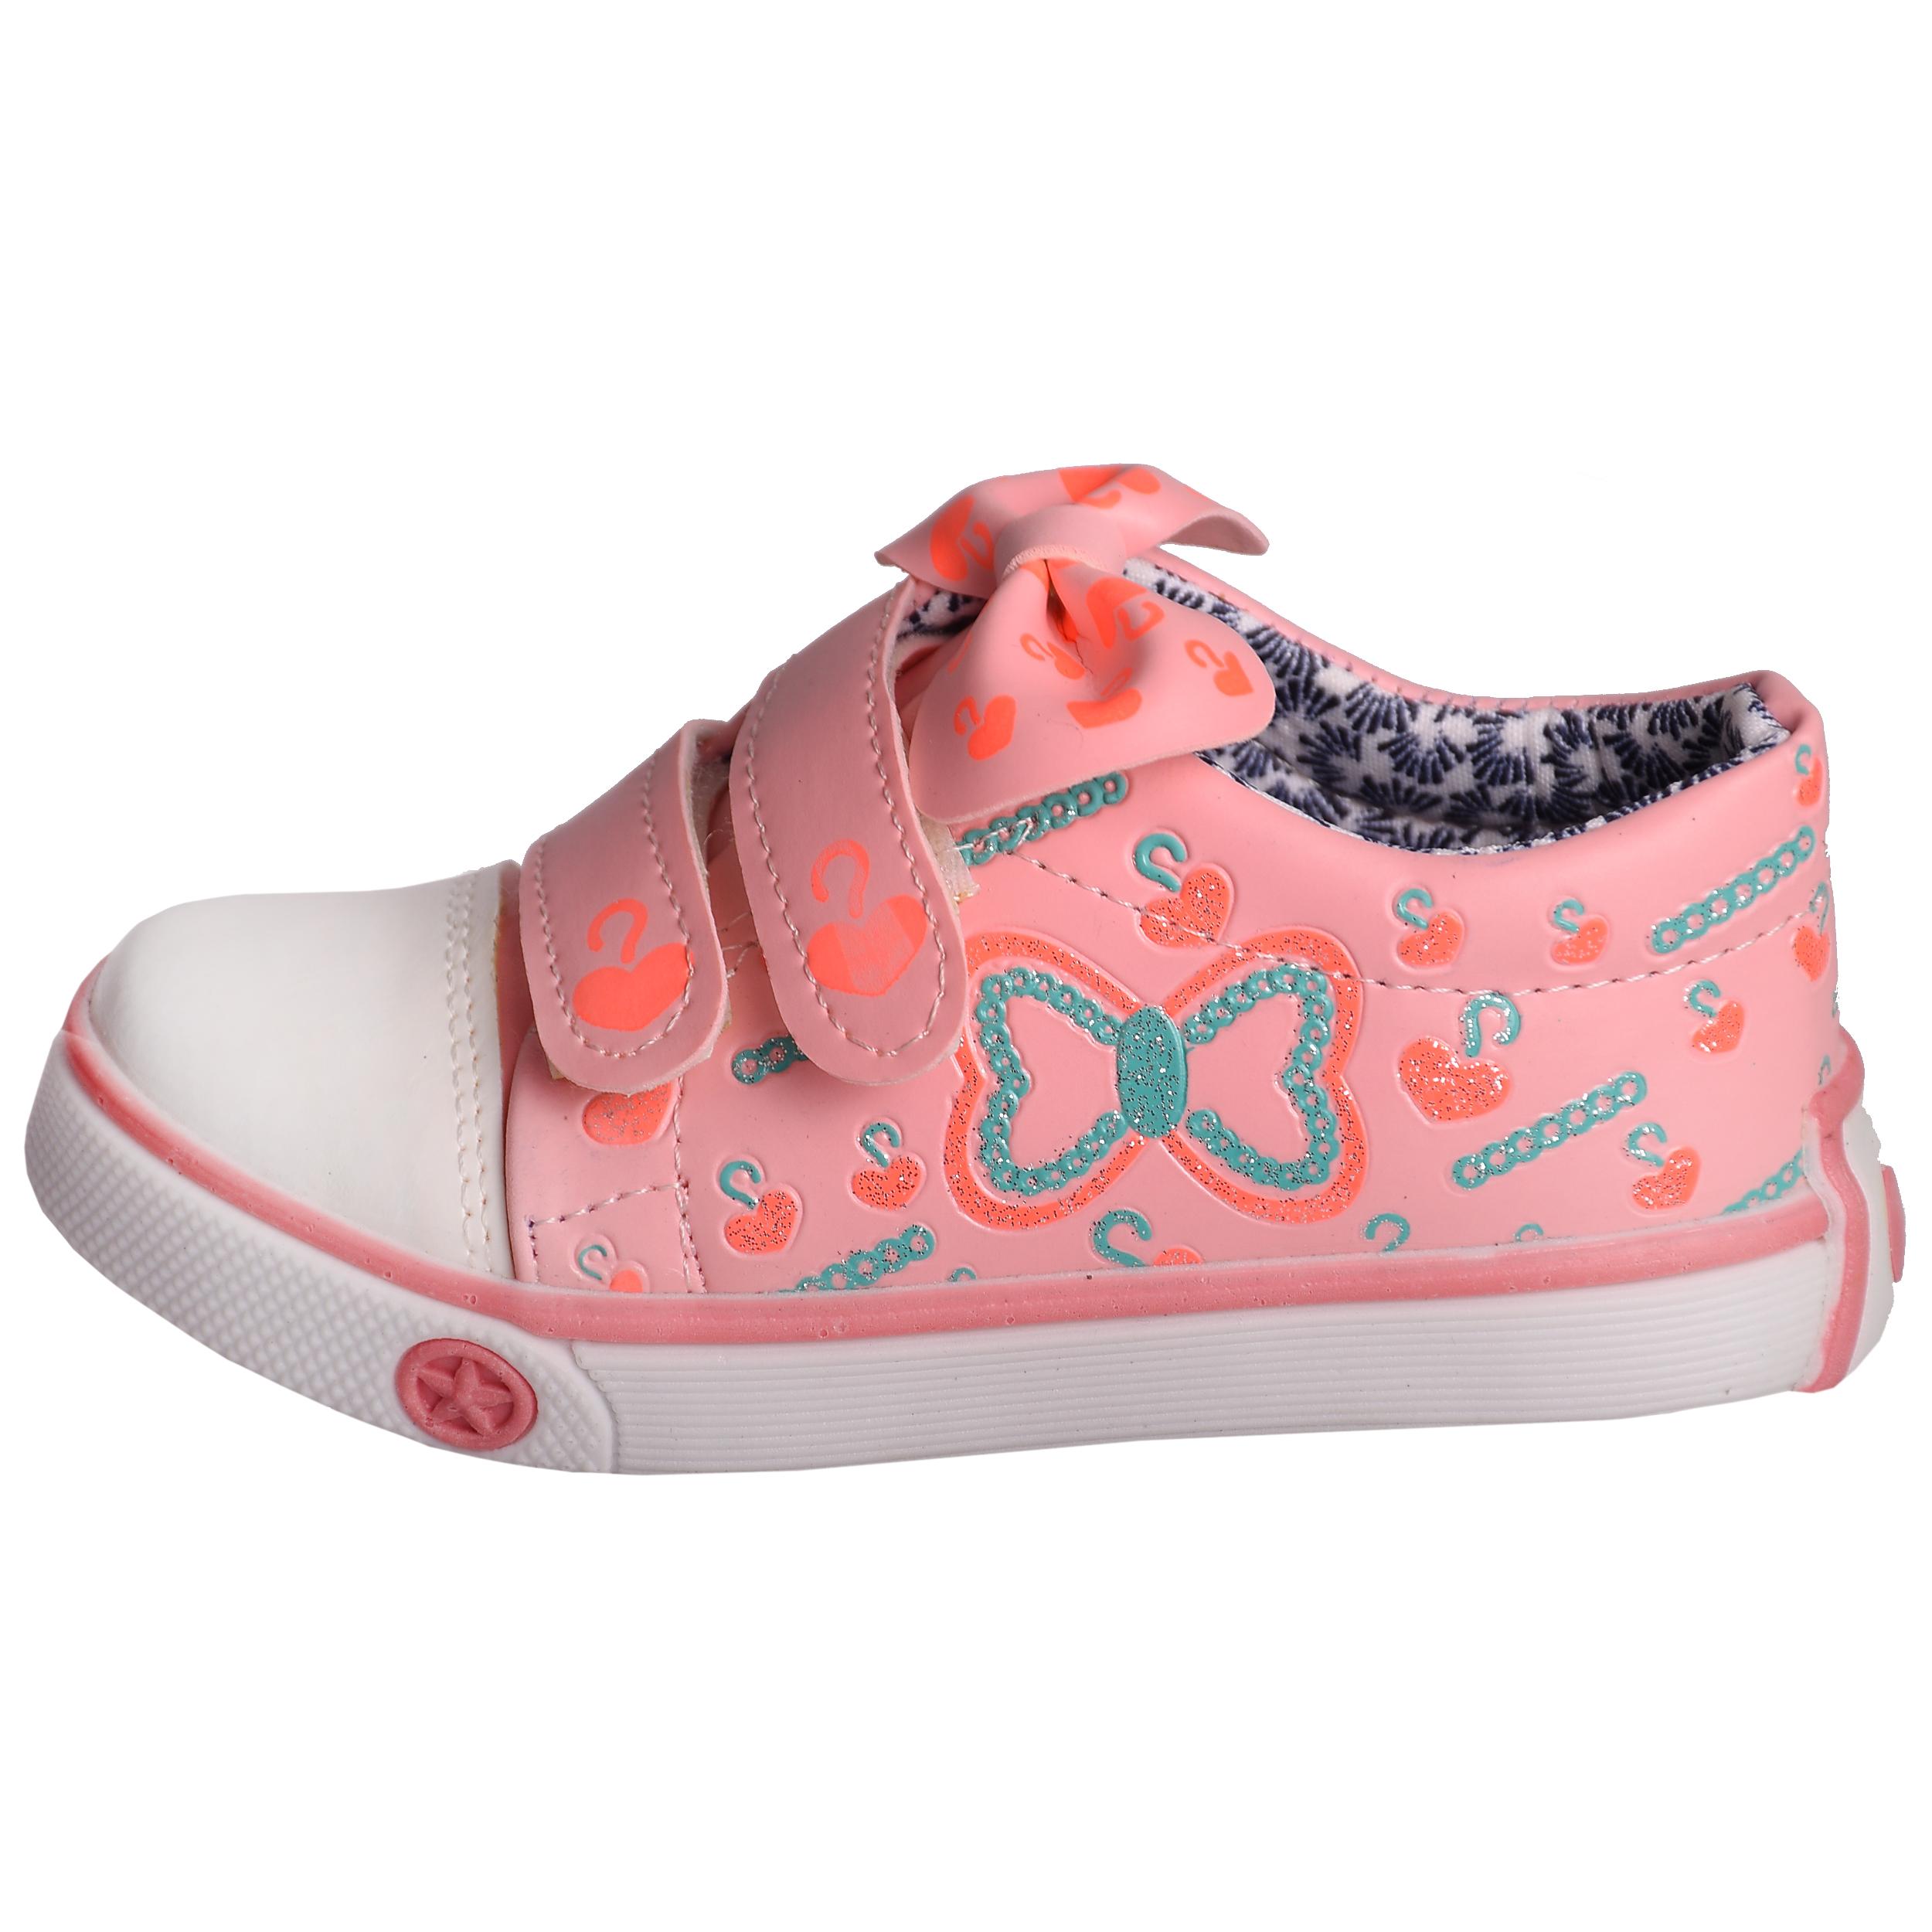 کفش دخترانه مدل 3236 رنگ صورتی